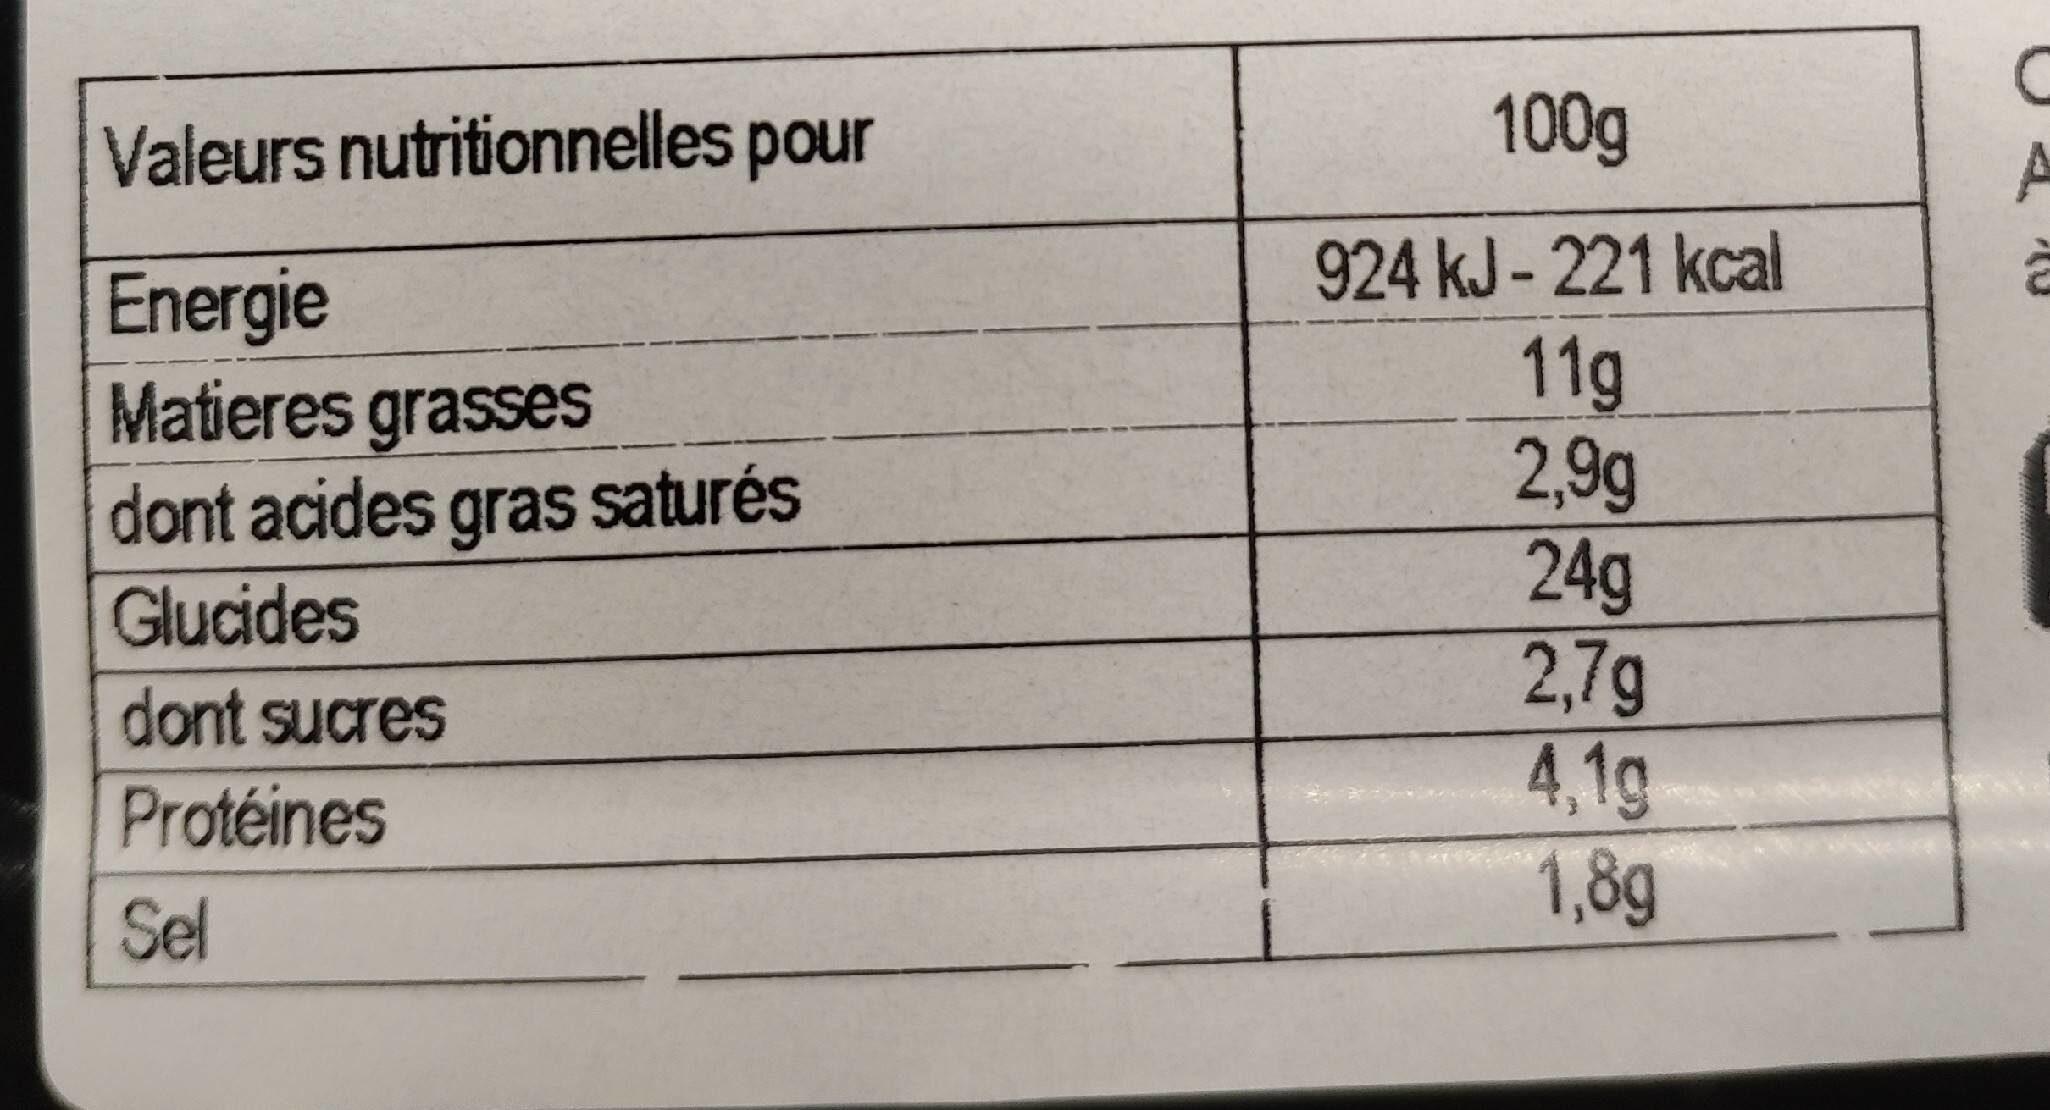 Nems au porc - Informations nutritionnelles - fr